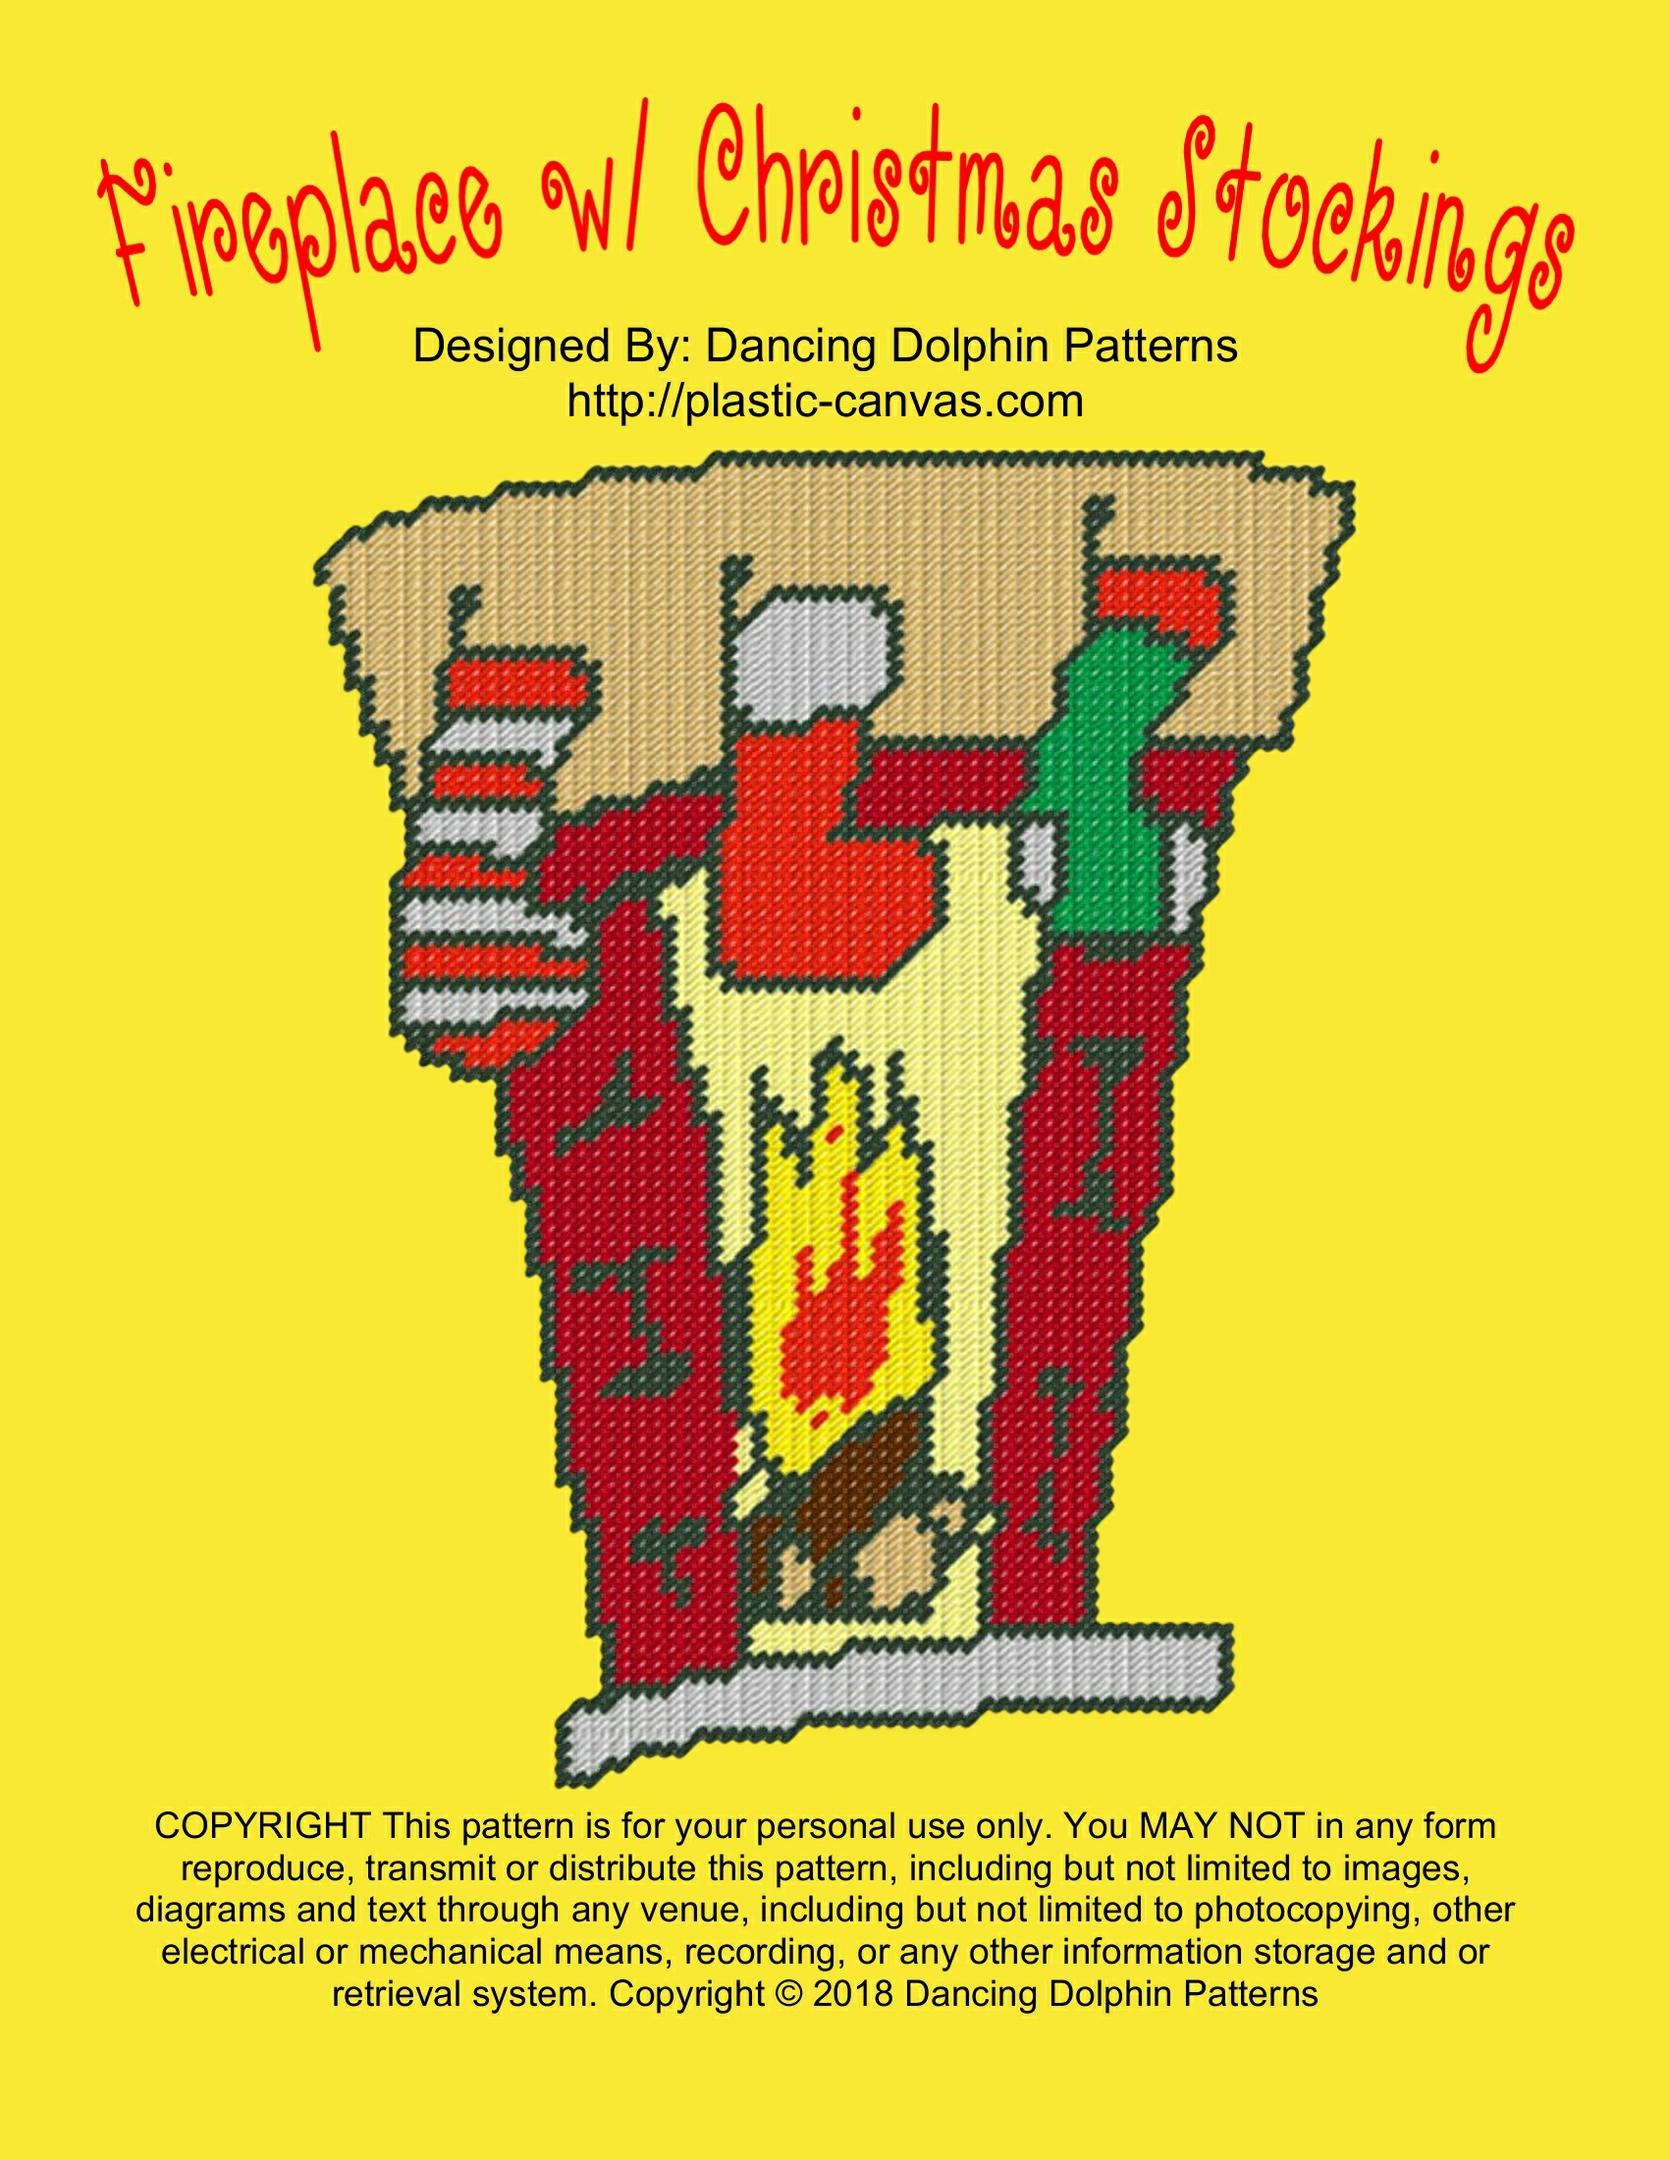 615 - Fireplace w/ Christmas Stockings